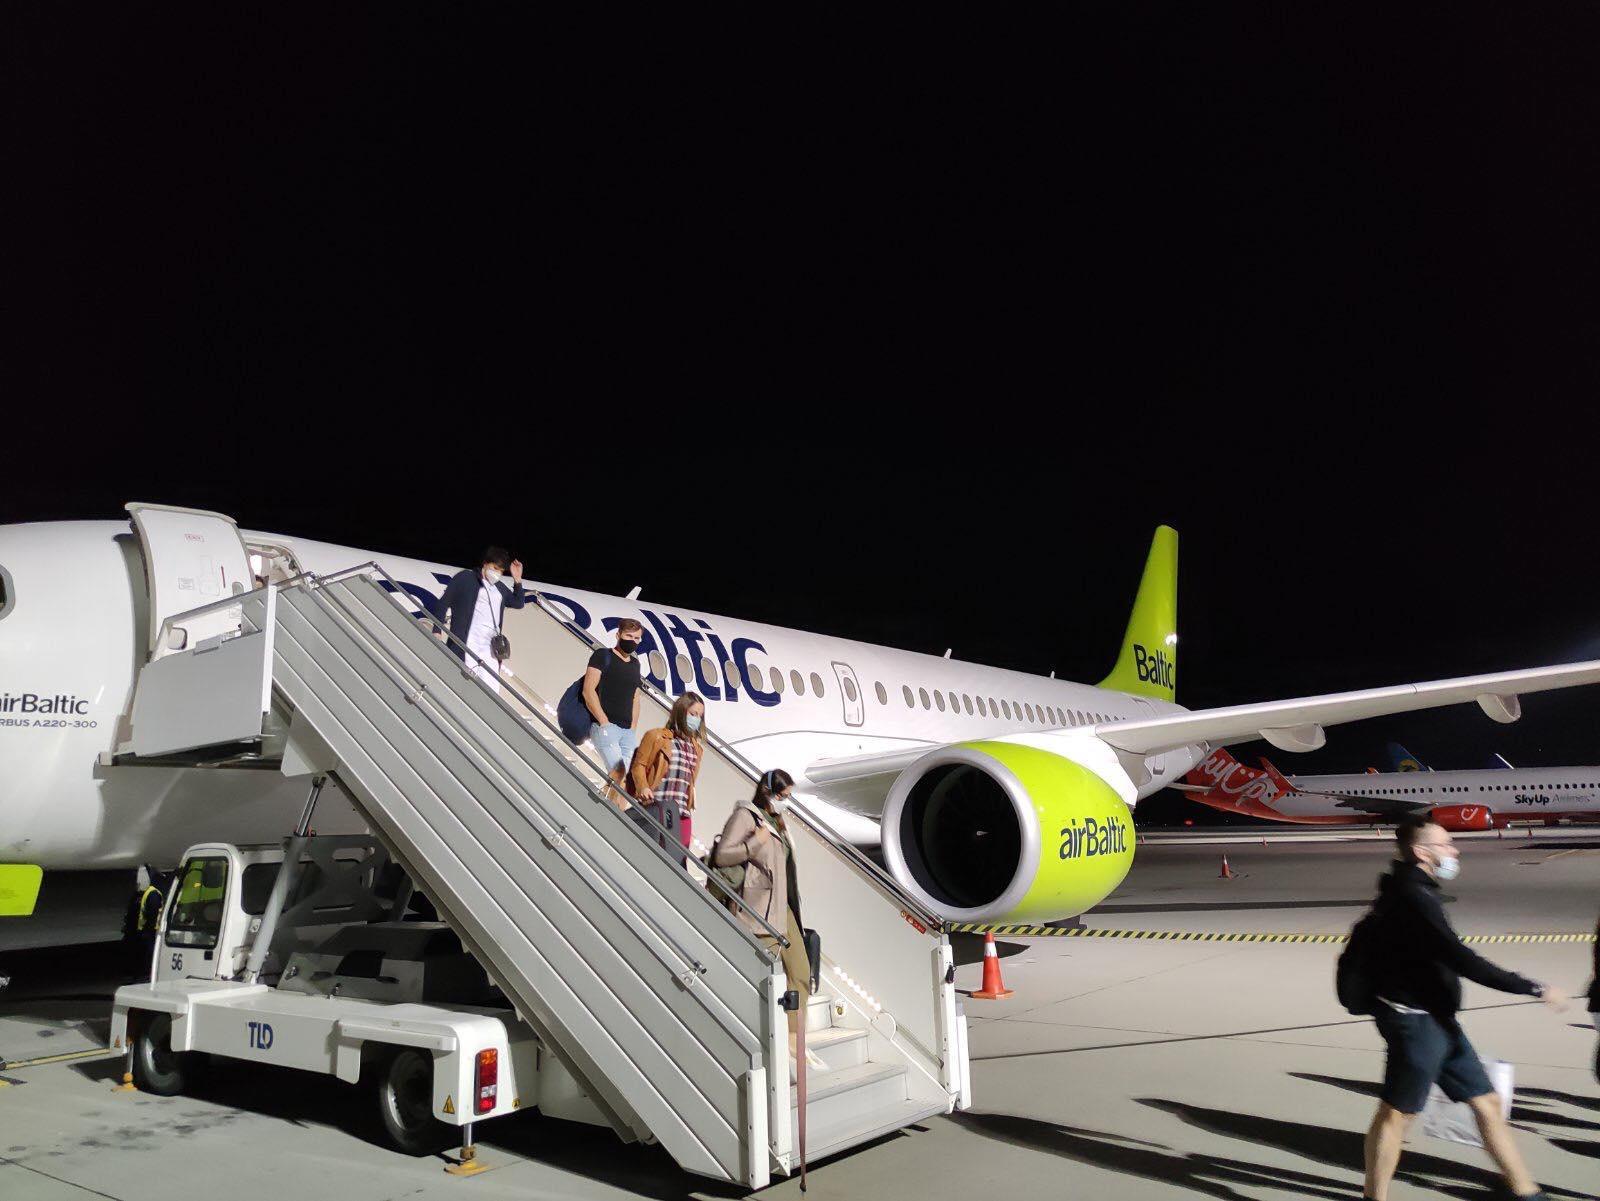 Пассажиры выходят из самолета Airbus A220-300 airBaltic, который прилетел из Риги